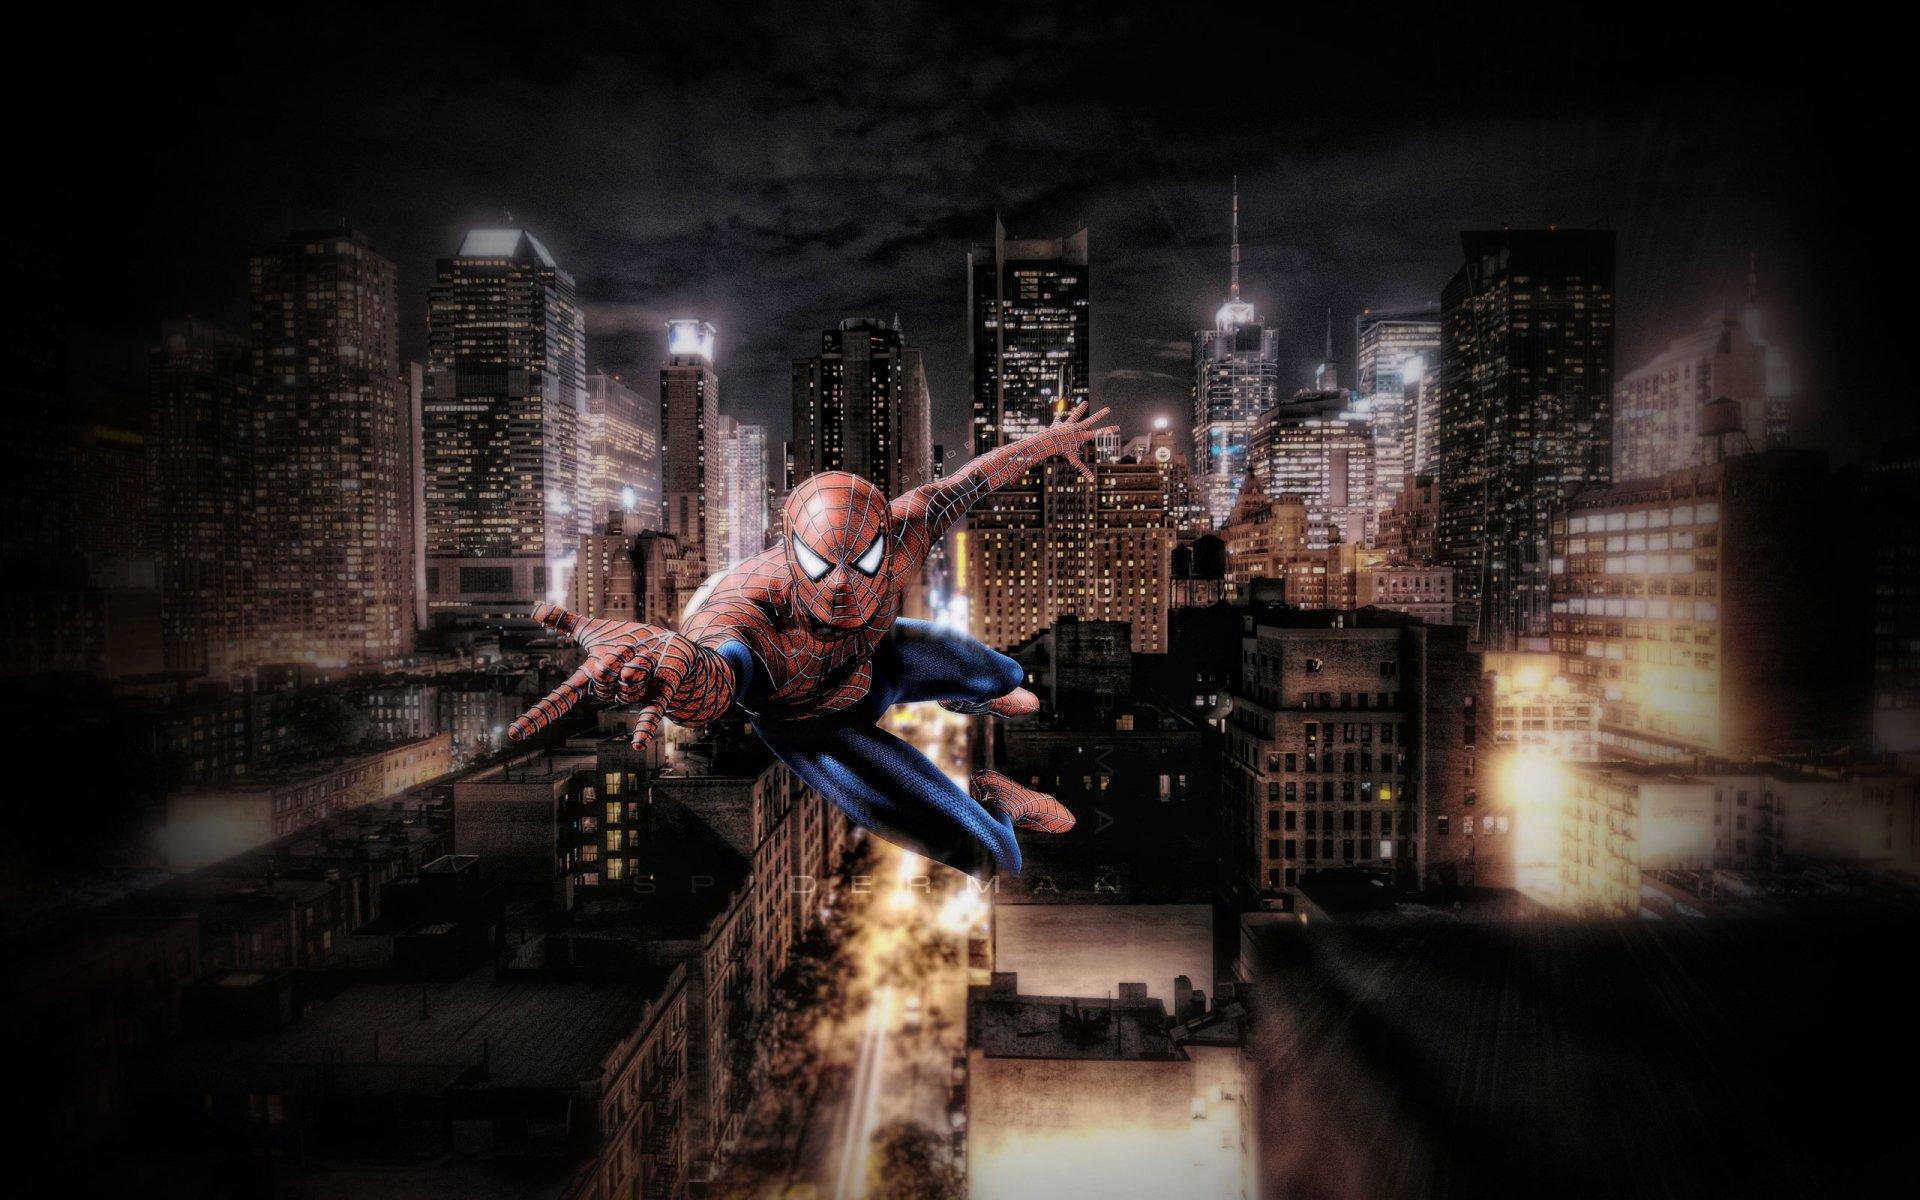 The amazing spiderman full hd fondo de pantalla and fondo for Fondos de spiderman